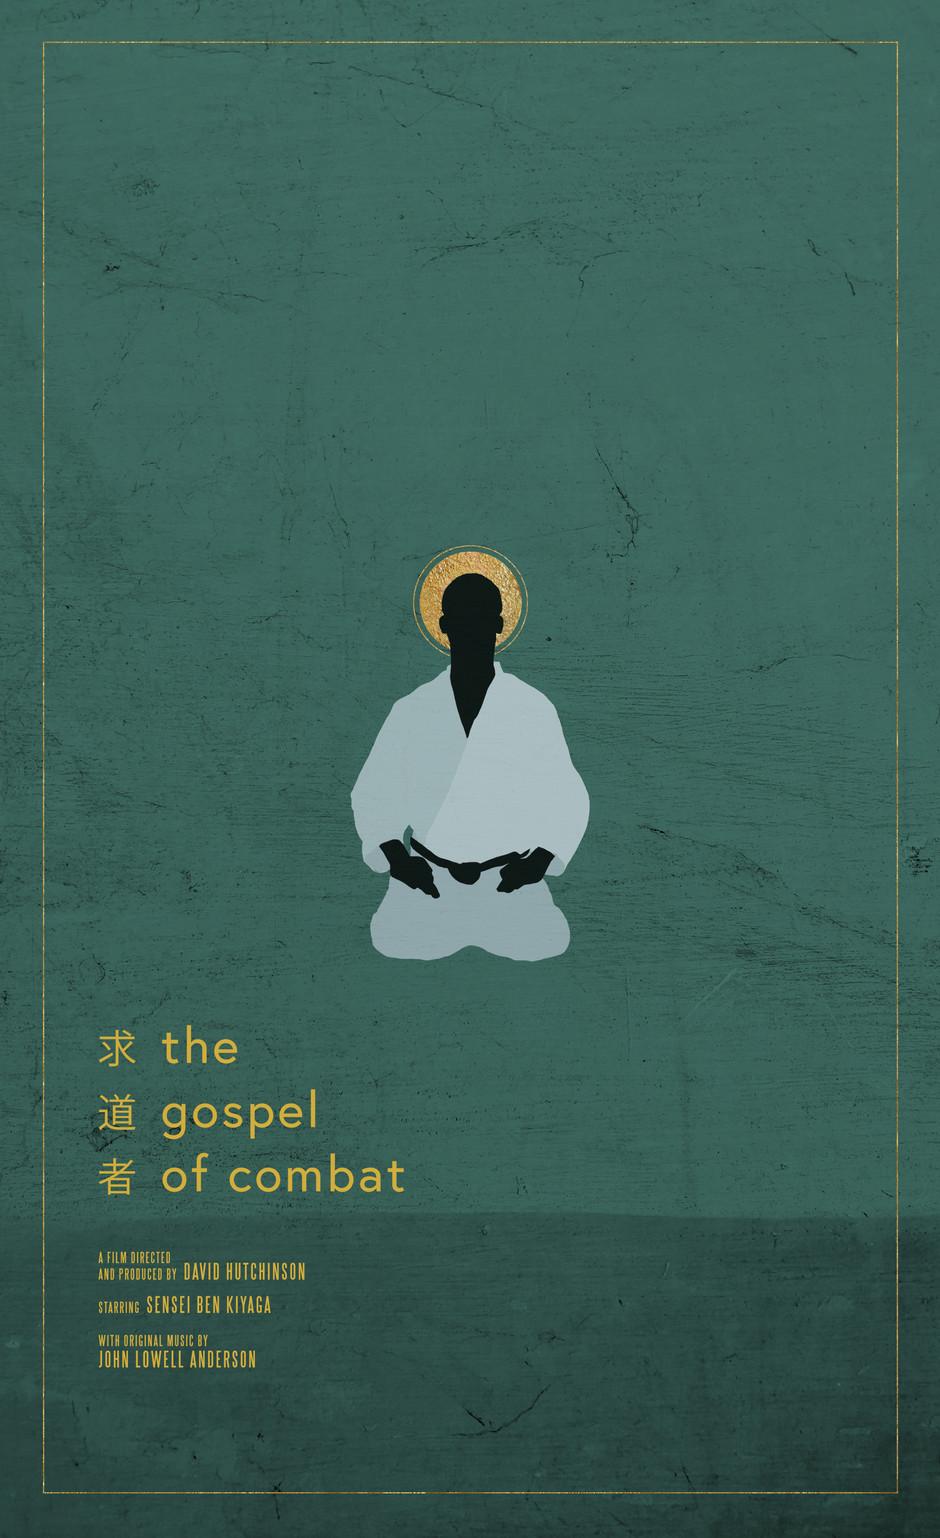 The Gospel of Combat